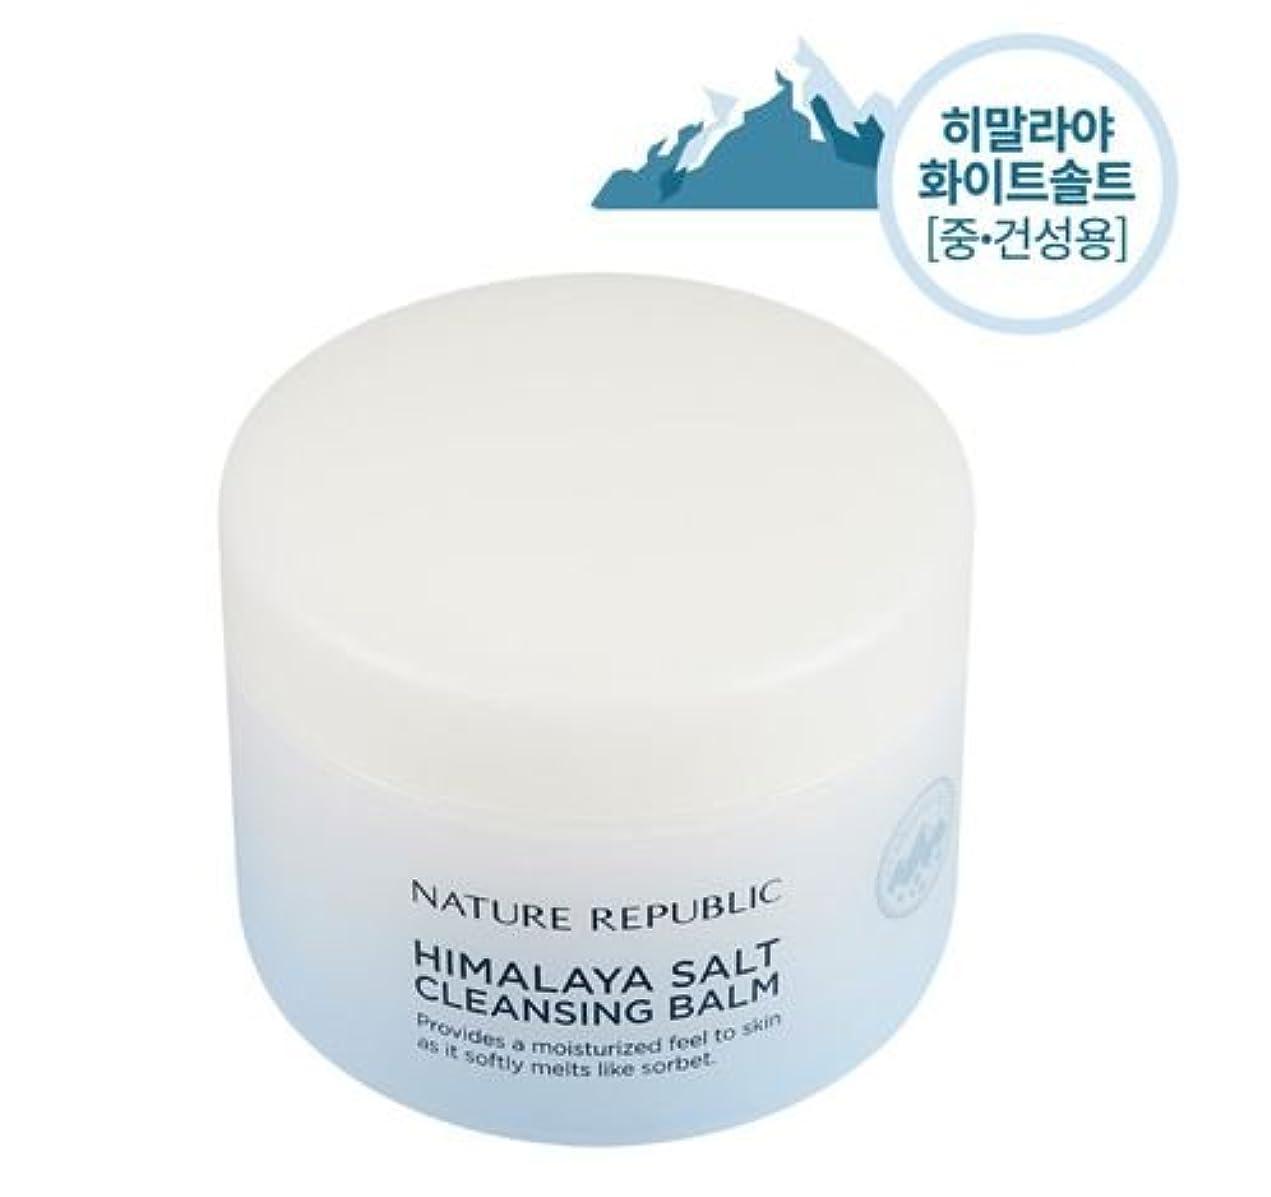 市民権助言するビジュアルNATURE REPUBLIC Himalaya salt cleansing balm (white salt)ヒマラヤソルトクレンジングバーム(white salt) [並行輸入品]